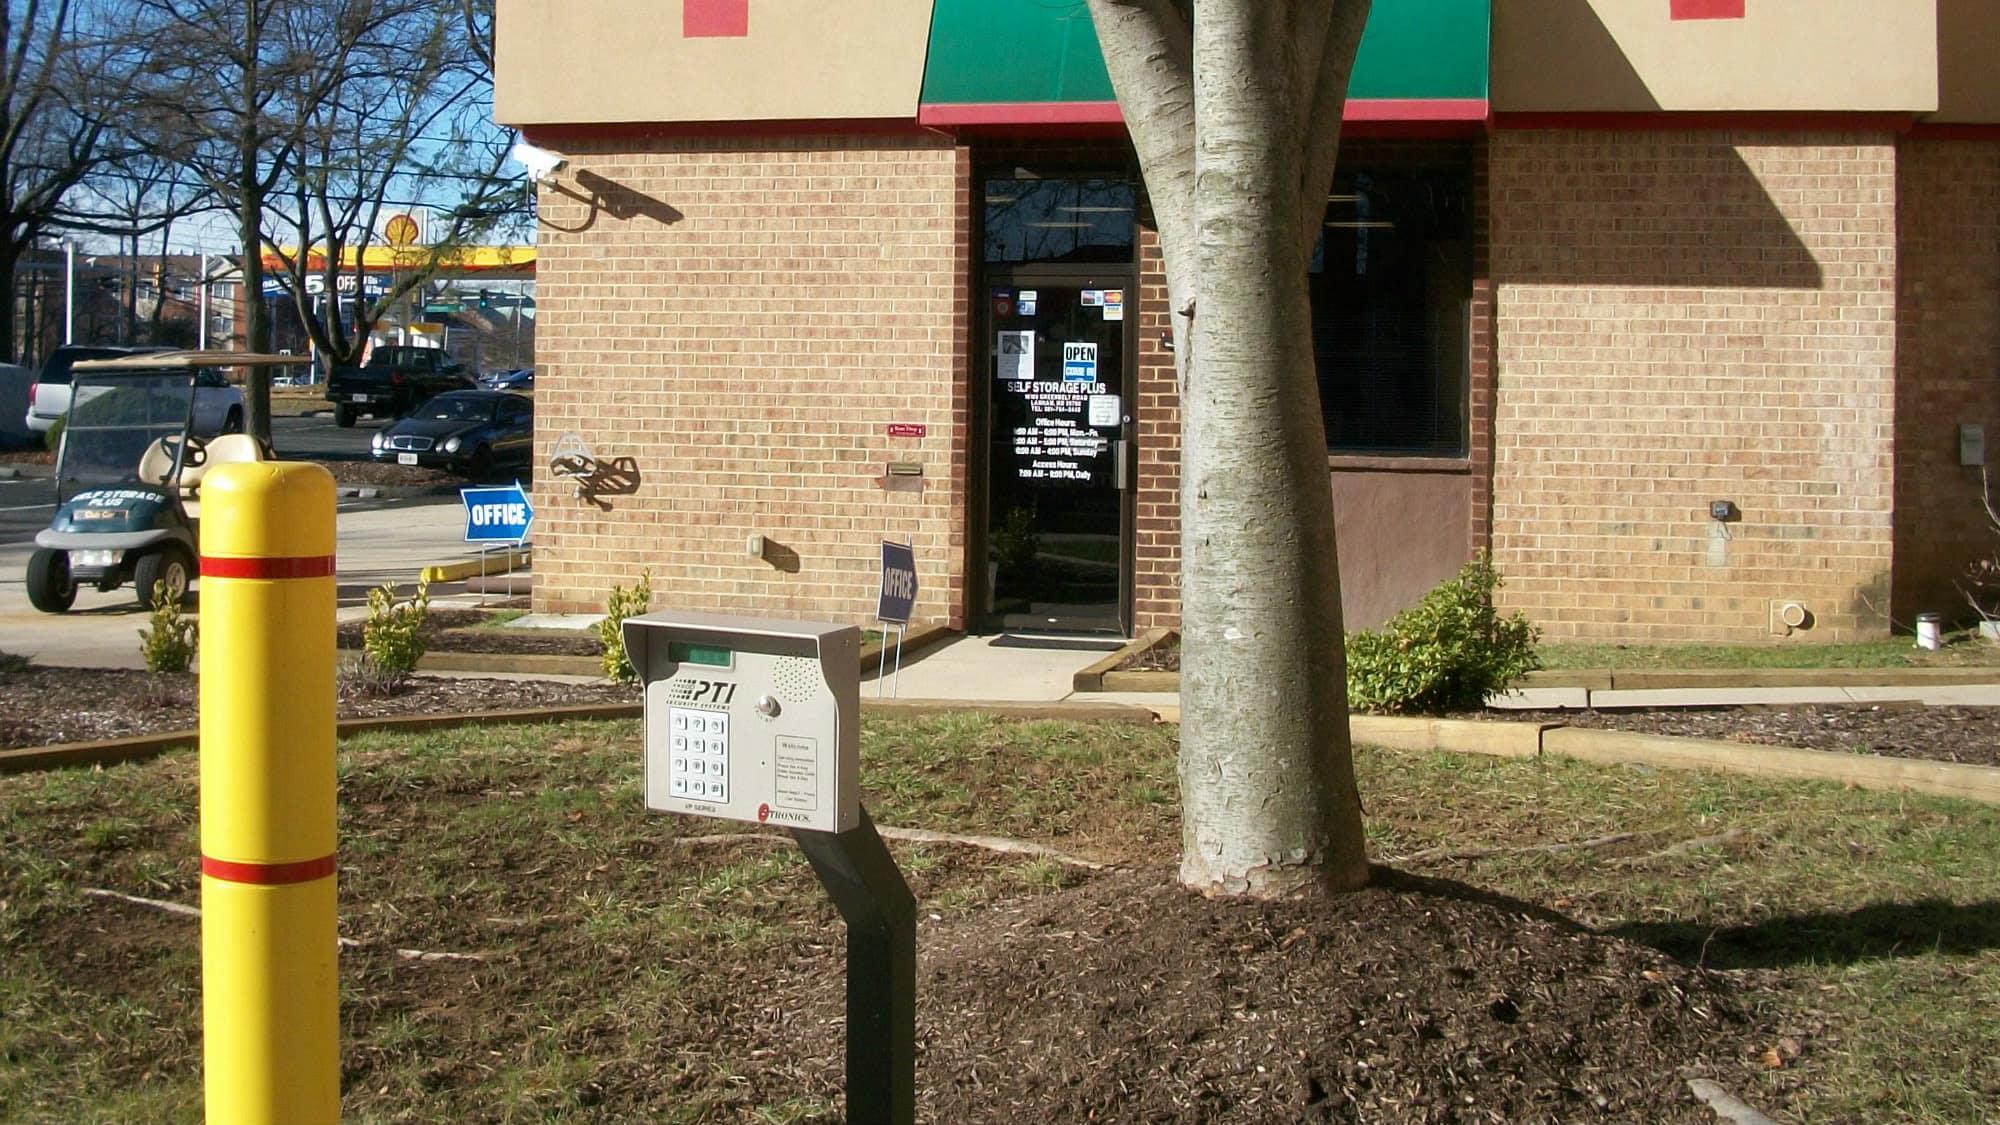 Keypad entrance at Self Storage Plus in Lanham, MD